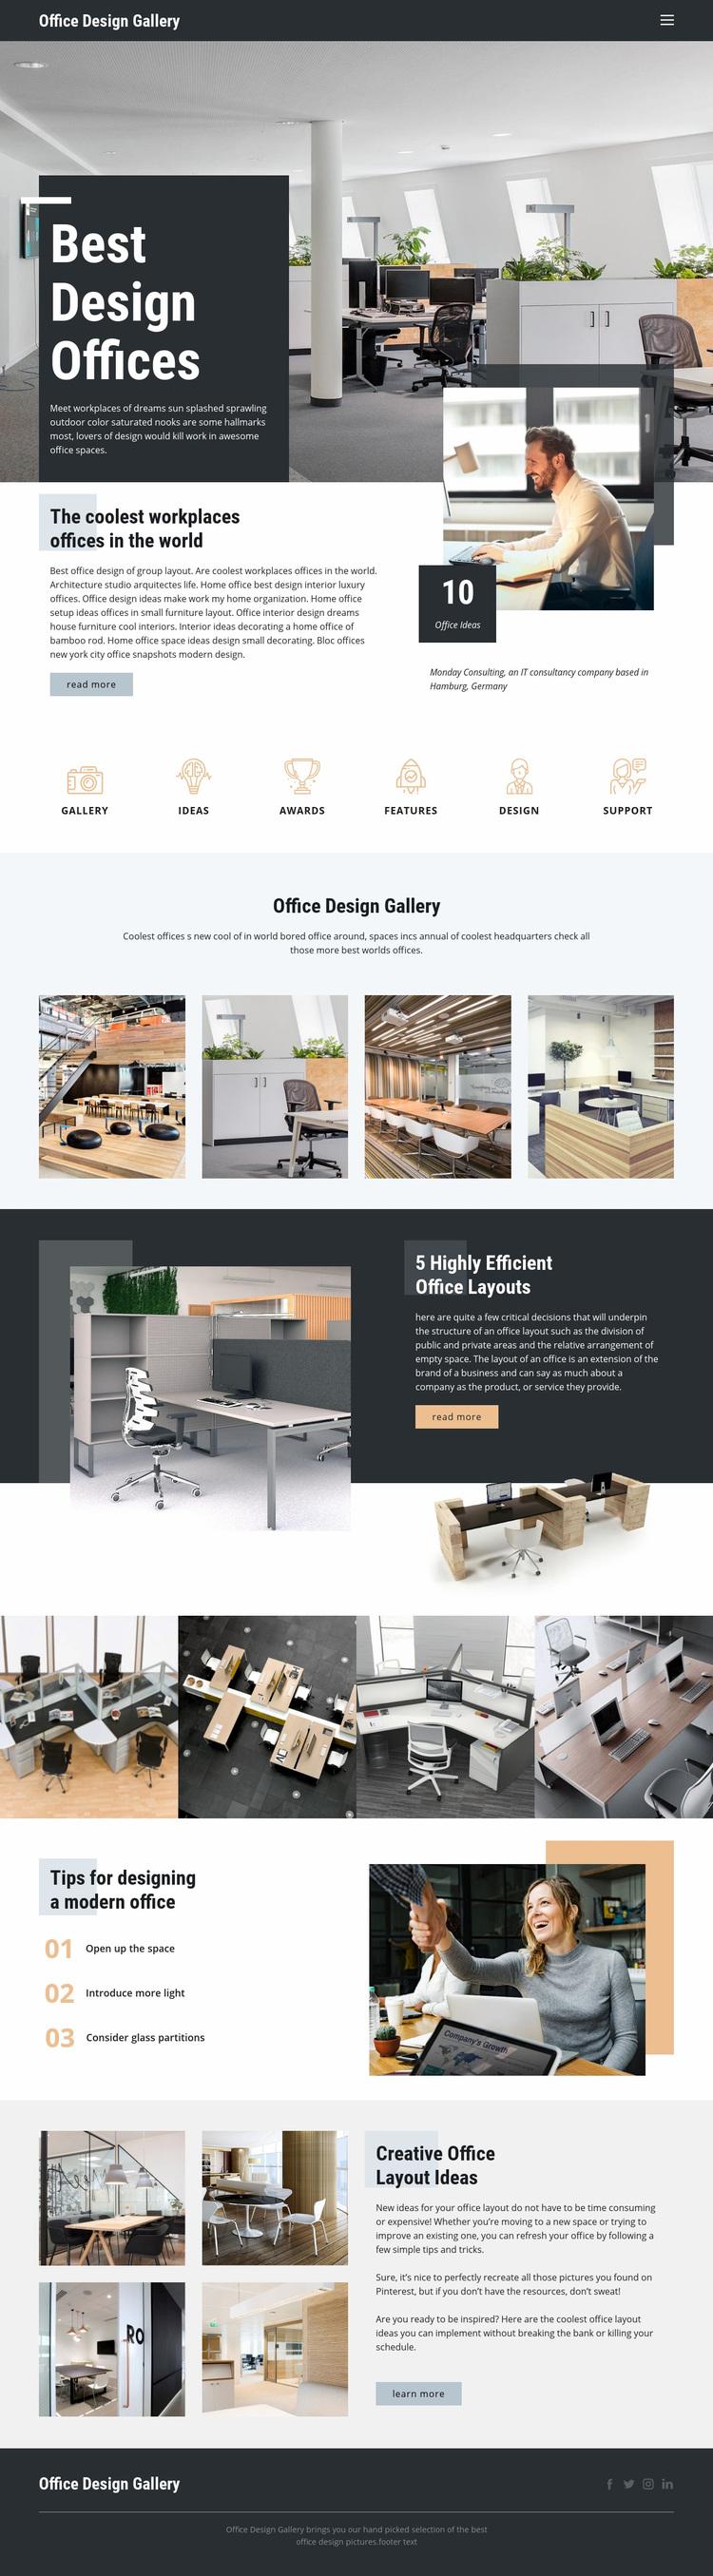 Best Design Offices Web Page Designer